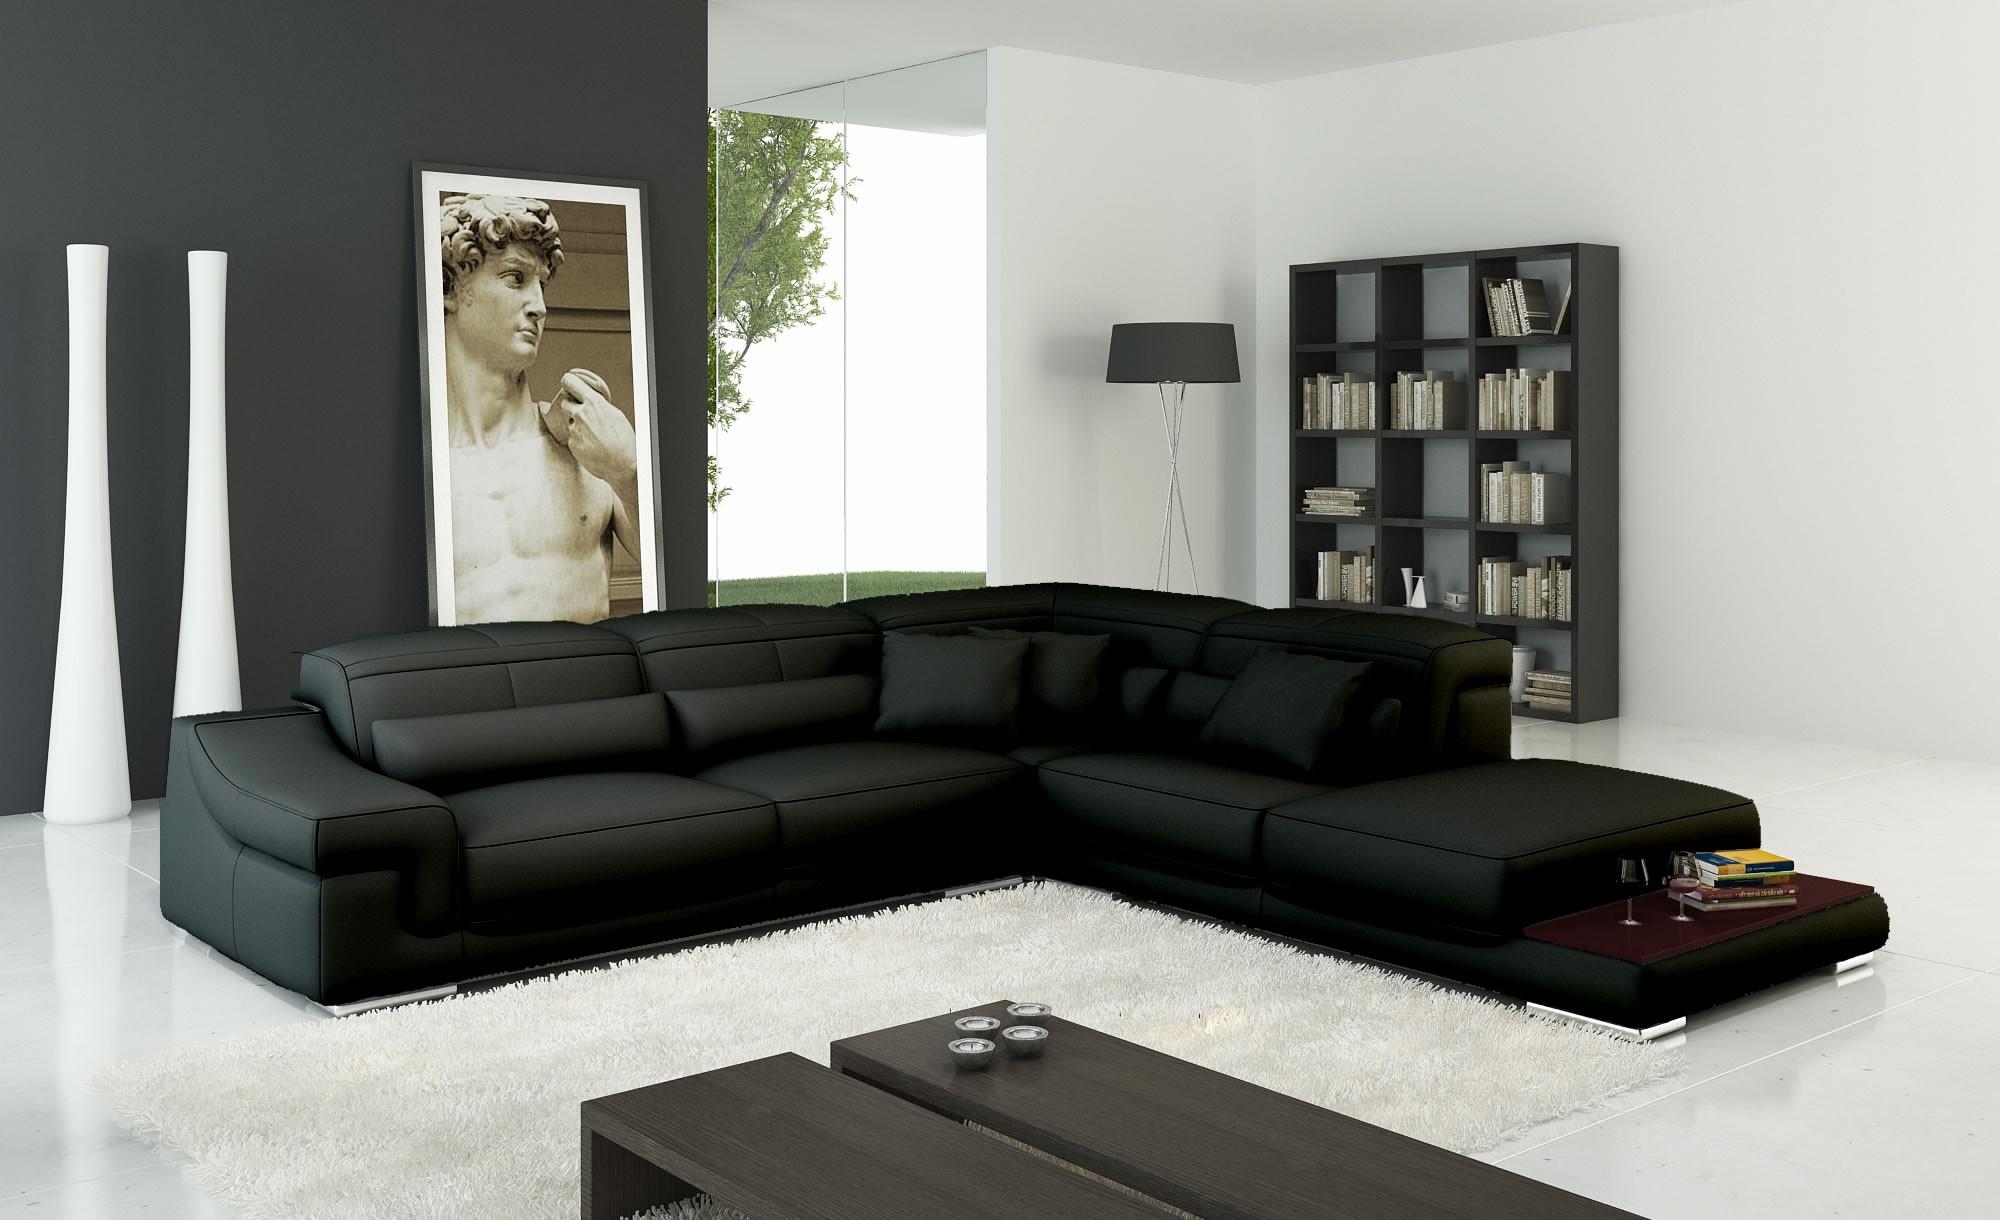 Современный мягкий угловой диван в интерьере